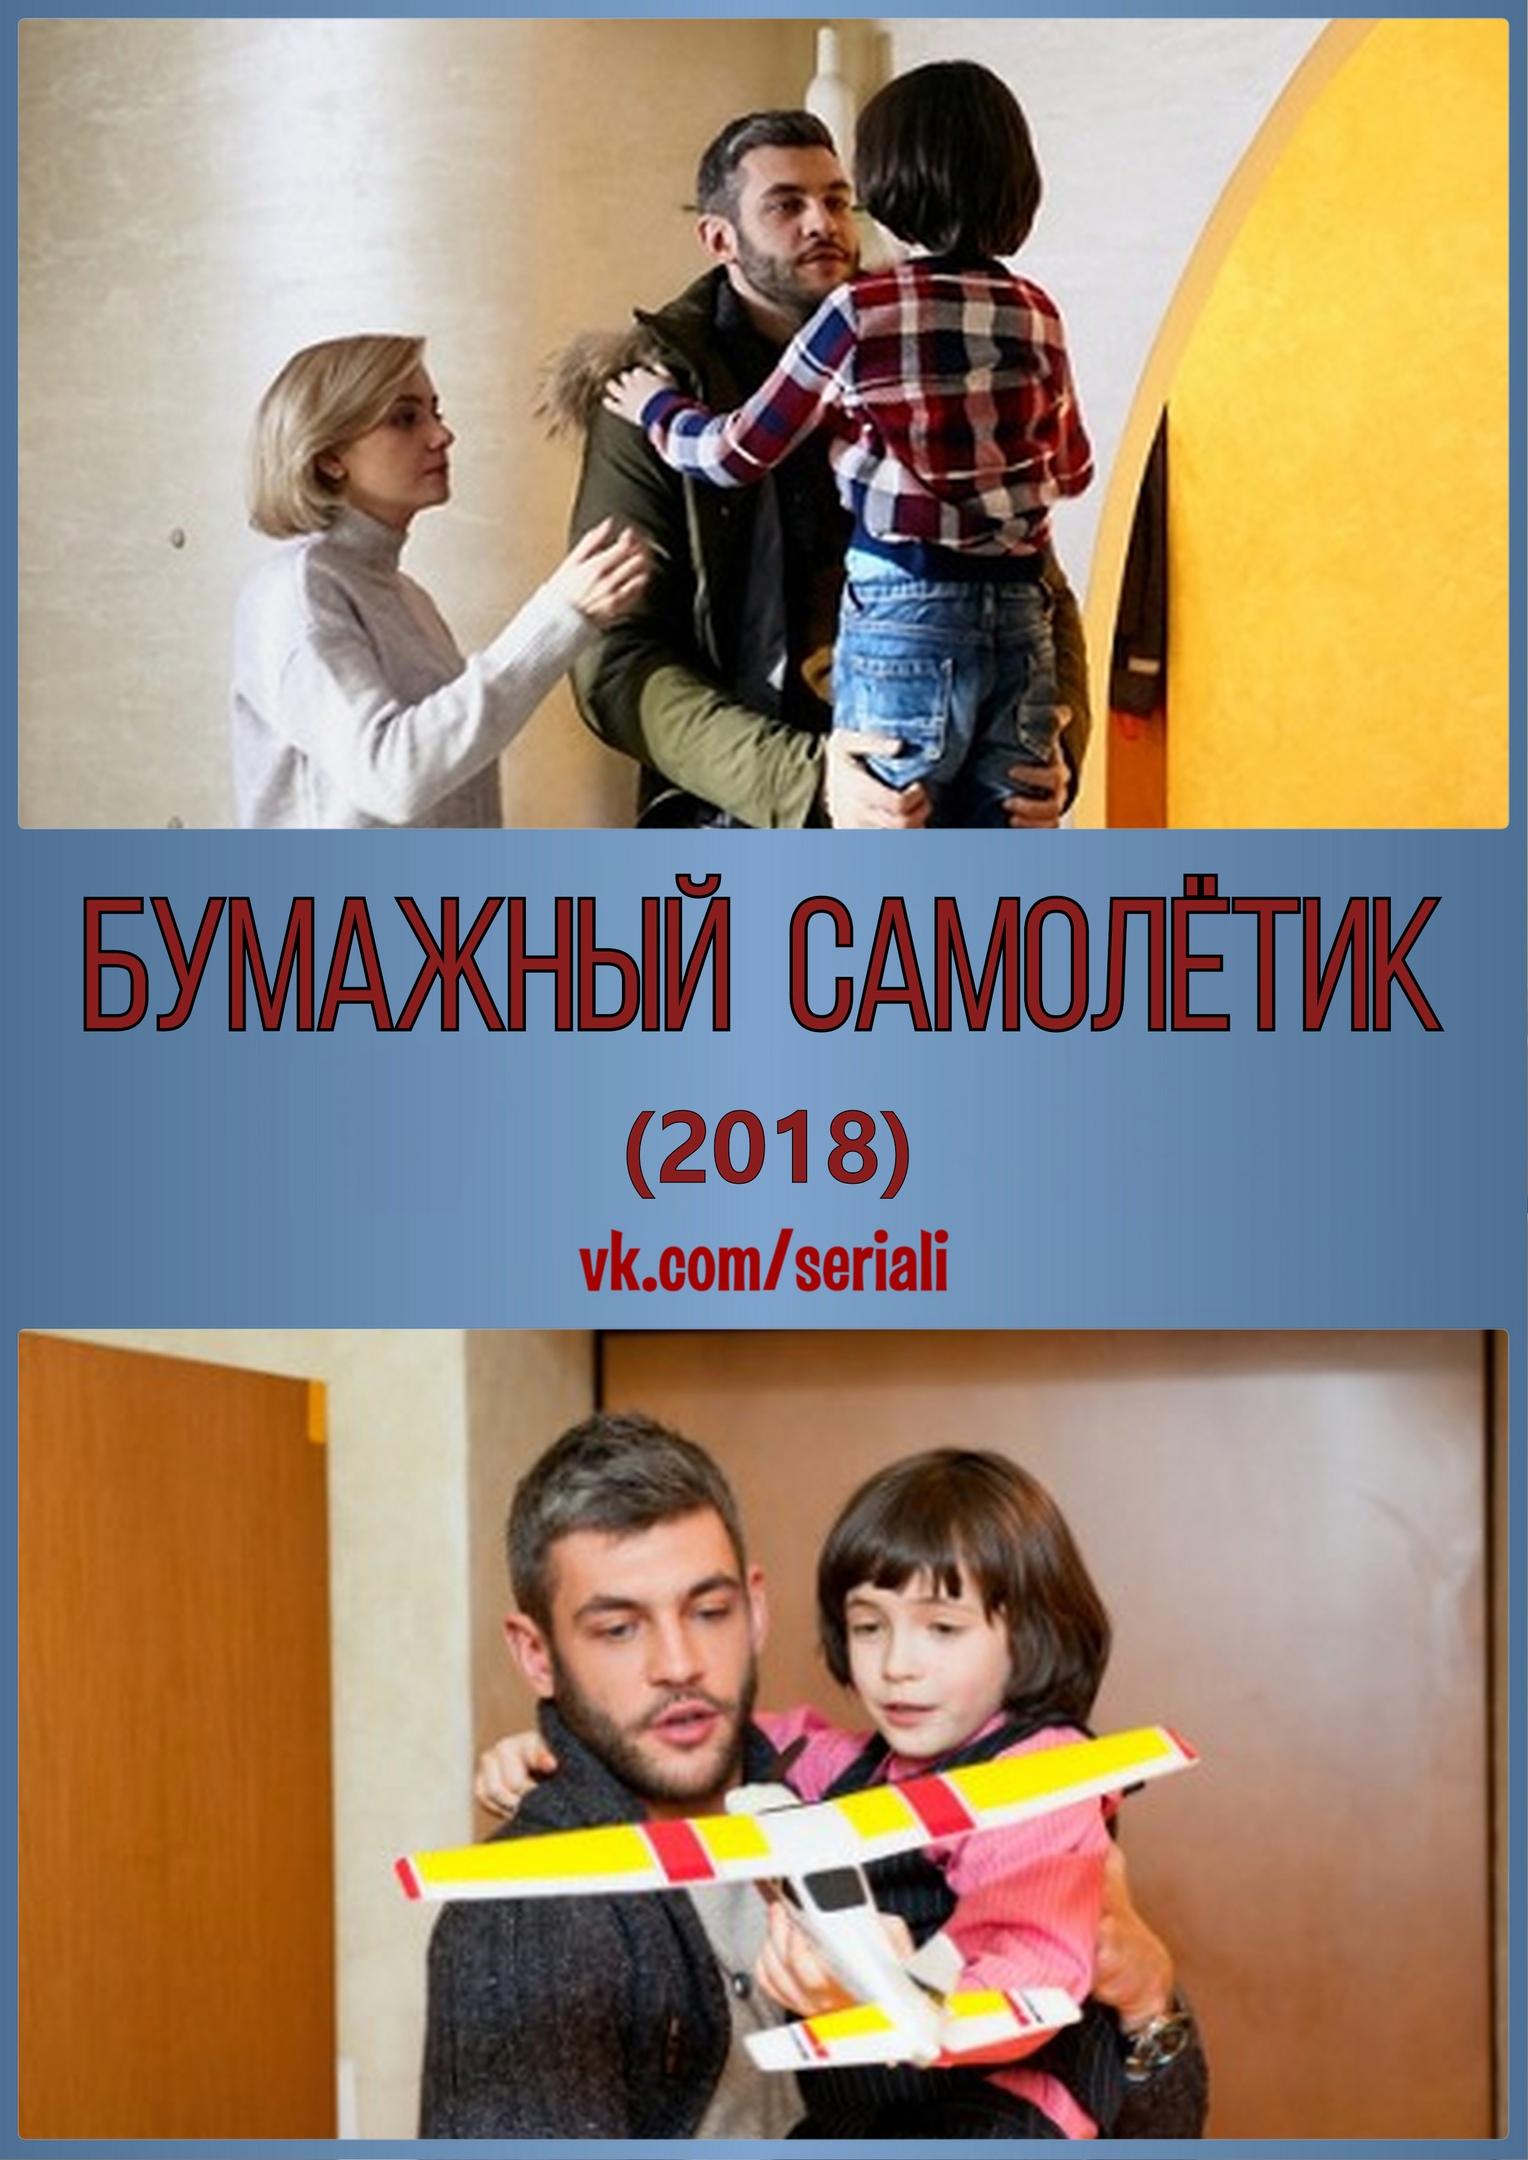 Мелодрама «Бyмaжный caмoлетик» (2018) 1-4 серия из 4 HD